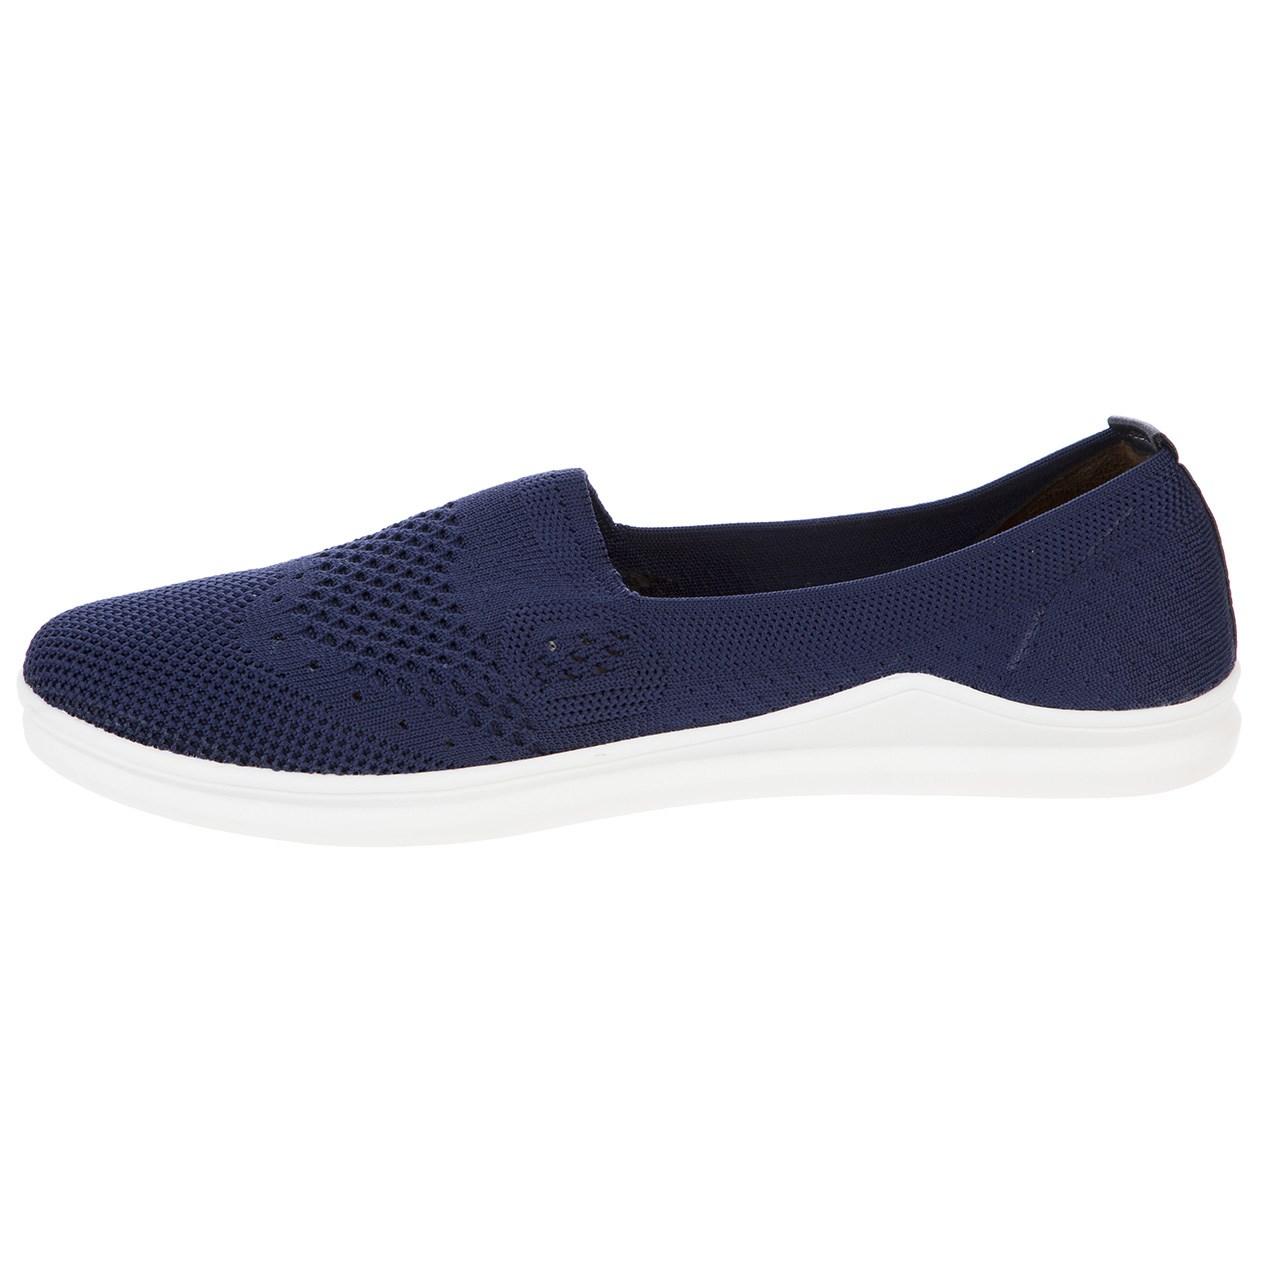 کفش زنانه بای نت کد 614-2